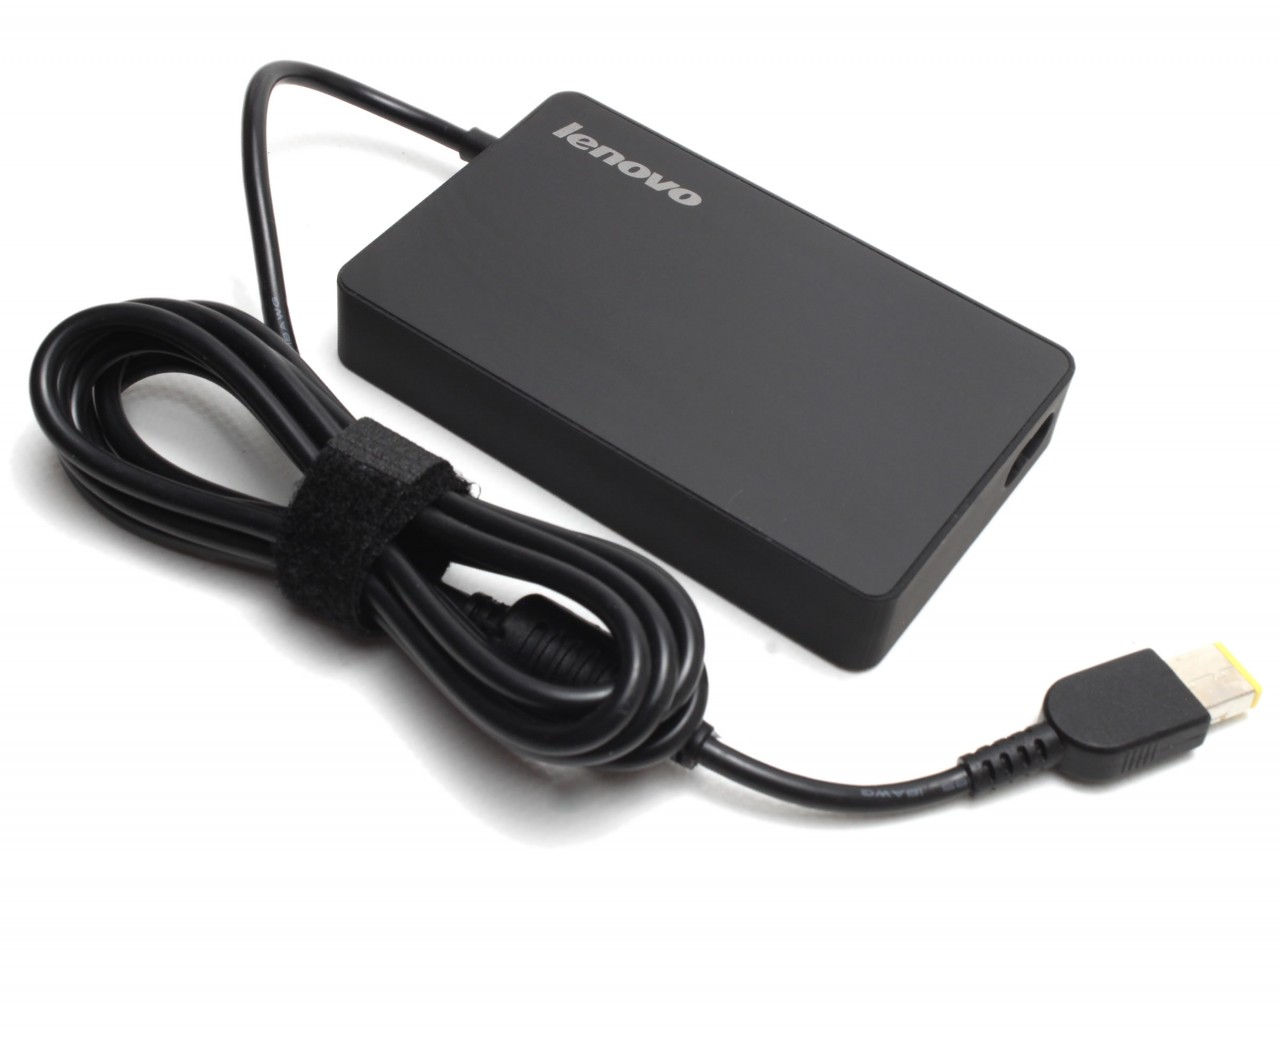 Incarcator Lenovo ThinkPad T450 20BV 65W Slim Version imagine